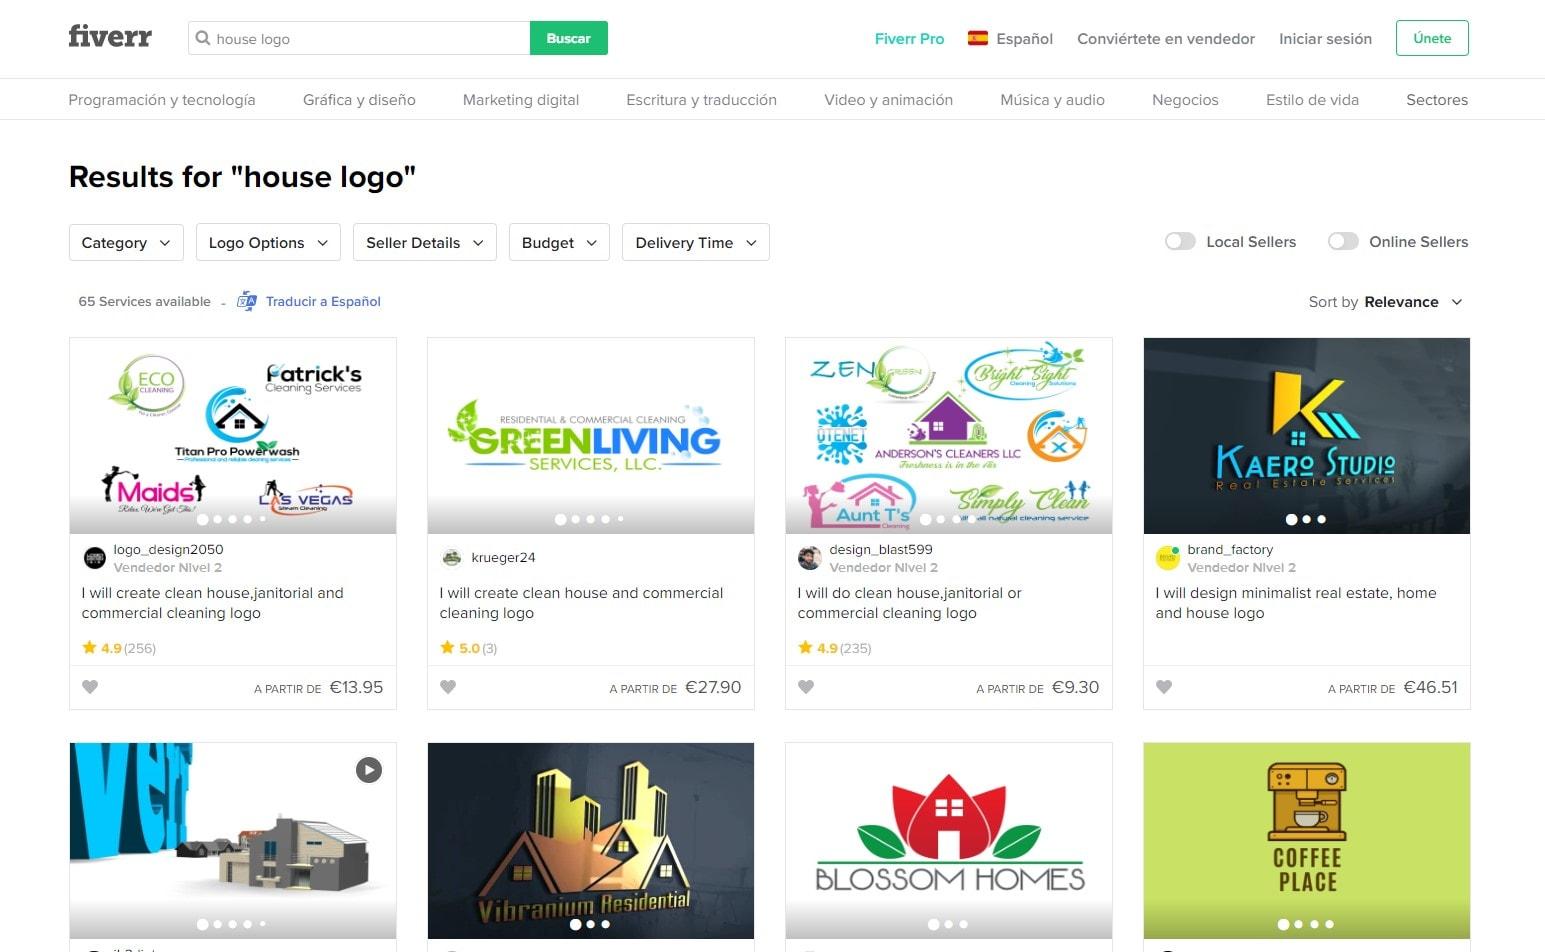 Los 9 mejores logos de casa y cómo crear el tuyo gratis [2021]